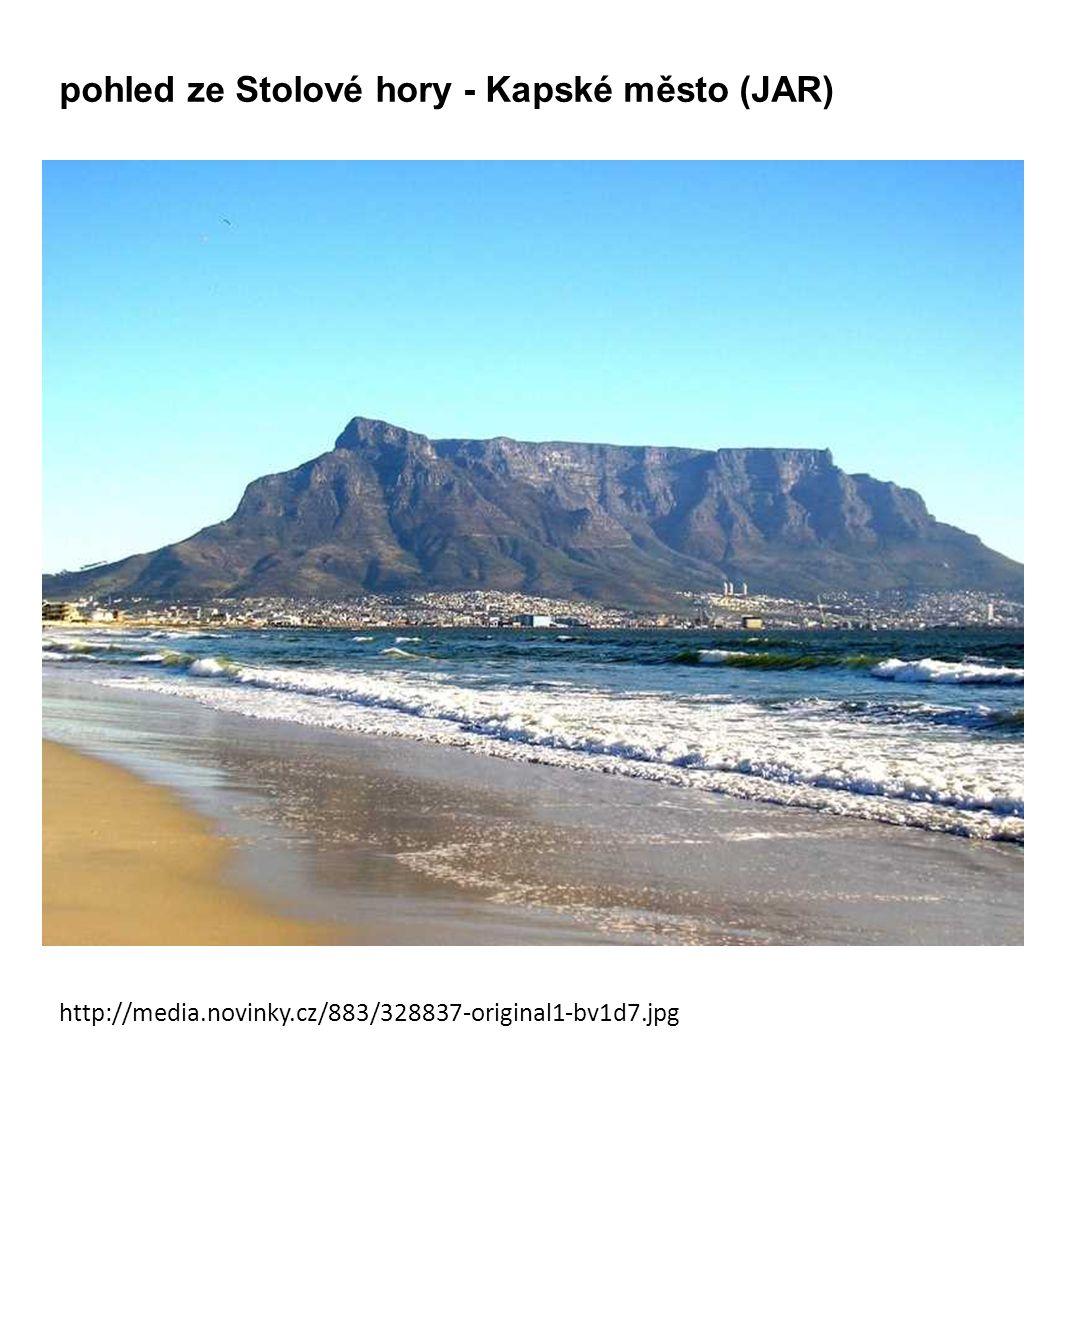 pohled ze Stolové hory - Kapské město (JAR) http://media.novinky.cz/883/328837-original1-bv1d7.jpg